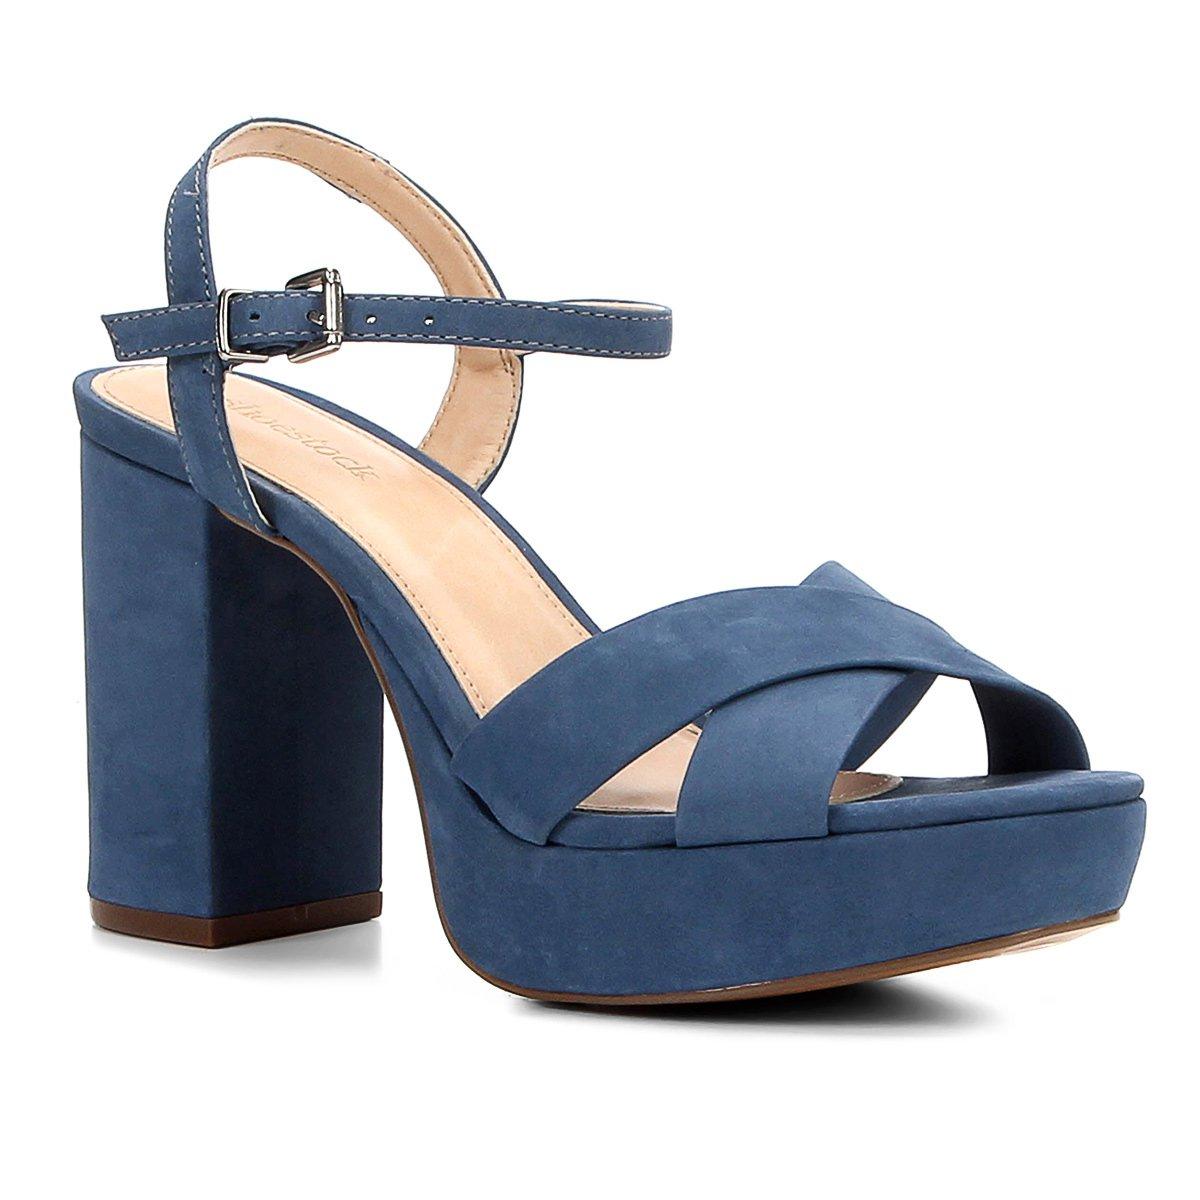 a6b4636d3 Sandália Couro Shoestock Meia Pata Tiras Cruzadas Feminina - Azul |  Shoestock